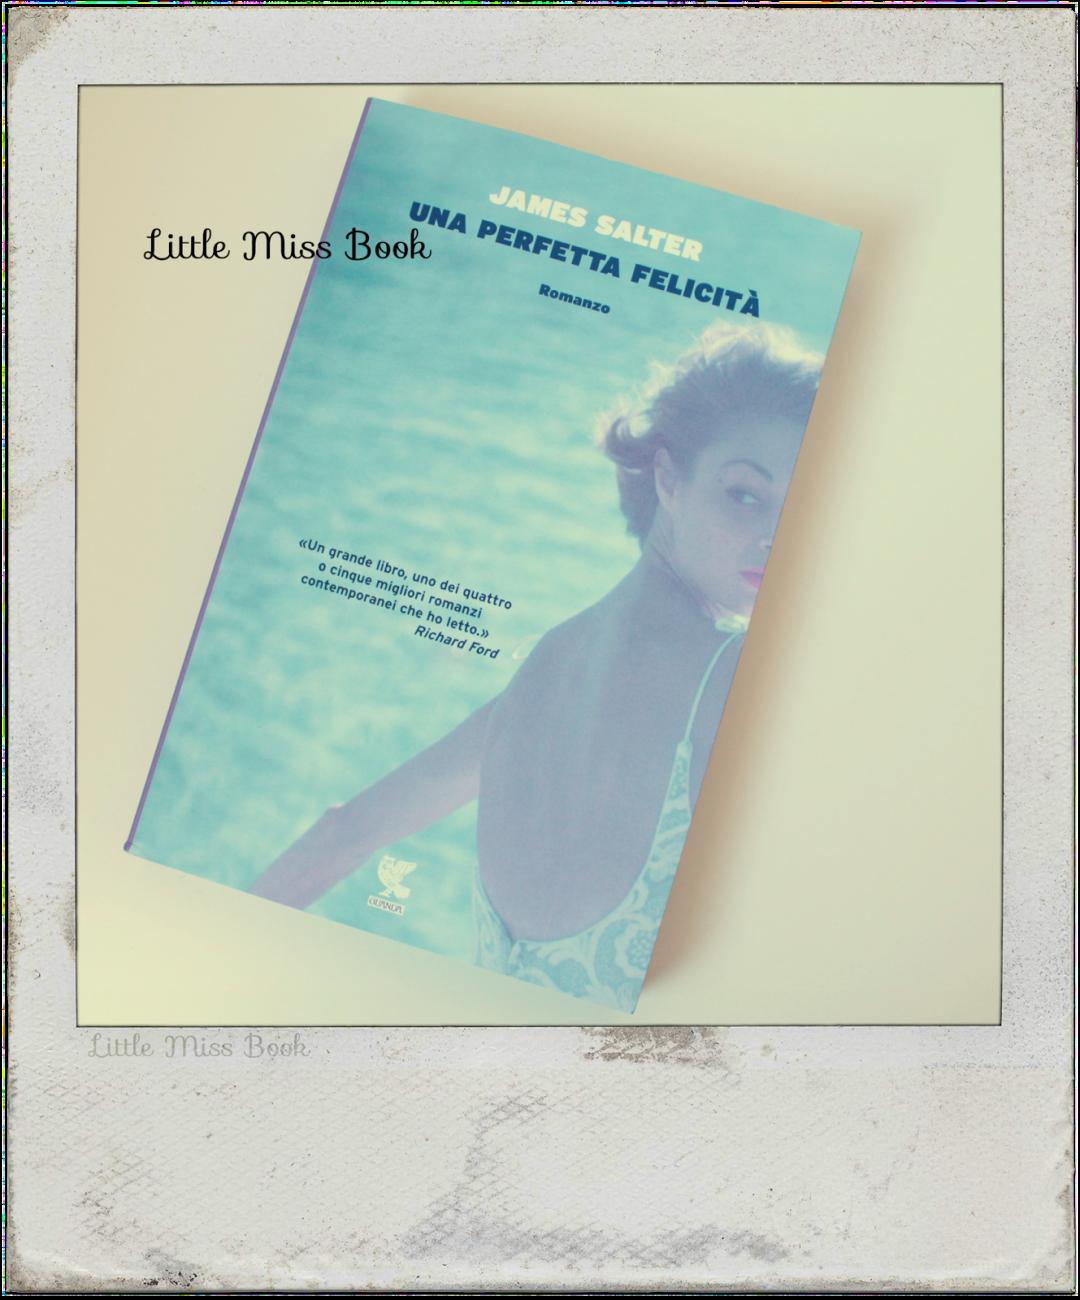 UnaperfettafelicitàdiJamesSalter-LittleMissBook